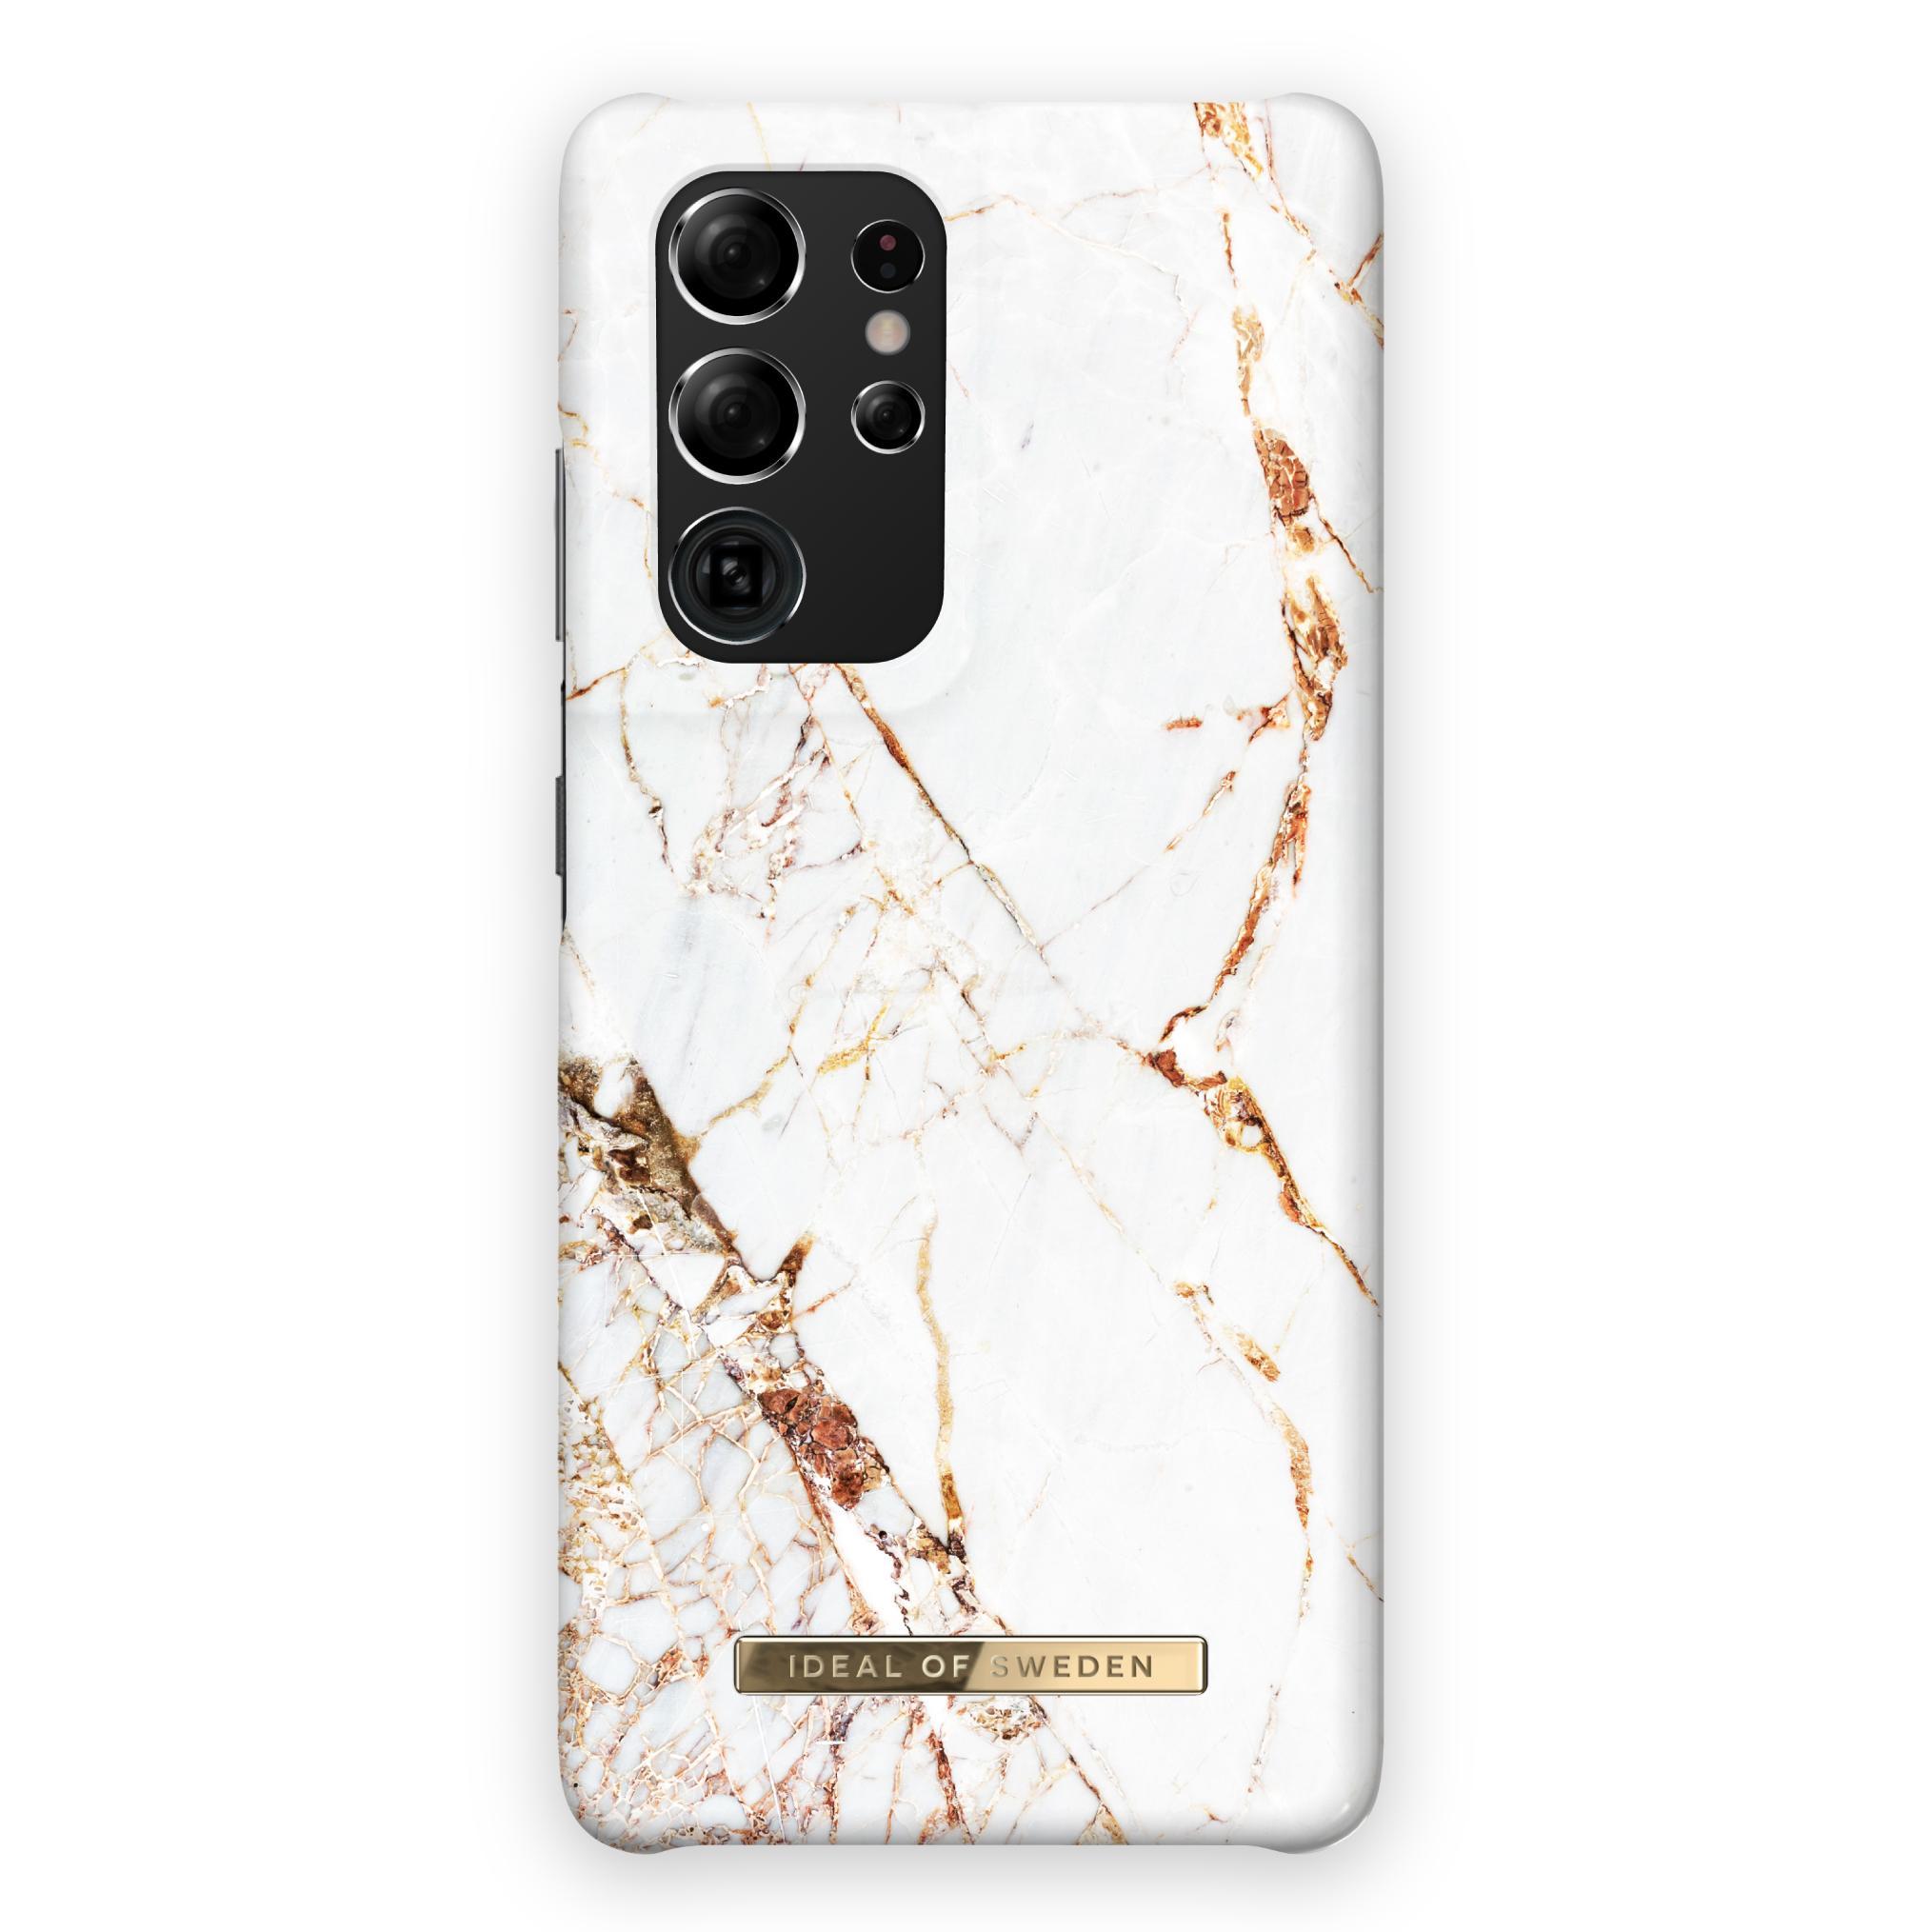 Fashion Case Galaxy S21 Ultra Carrara Gold